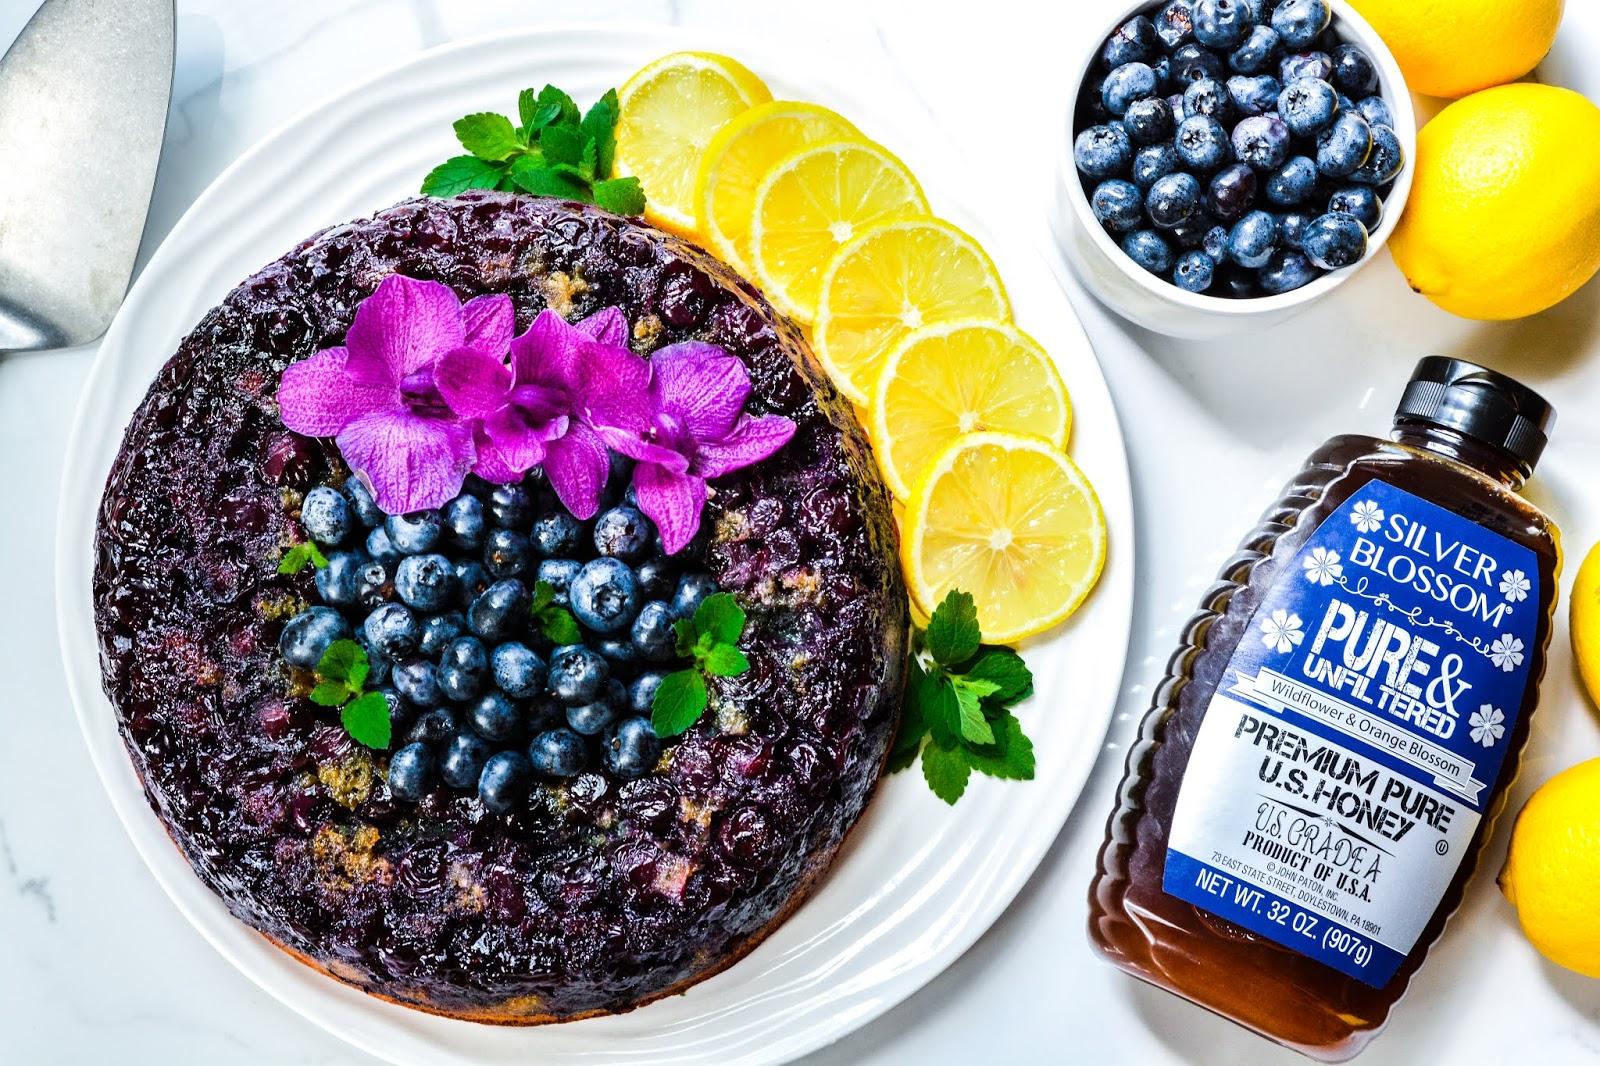 Blueberry-Lemon Upside Down Cake